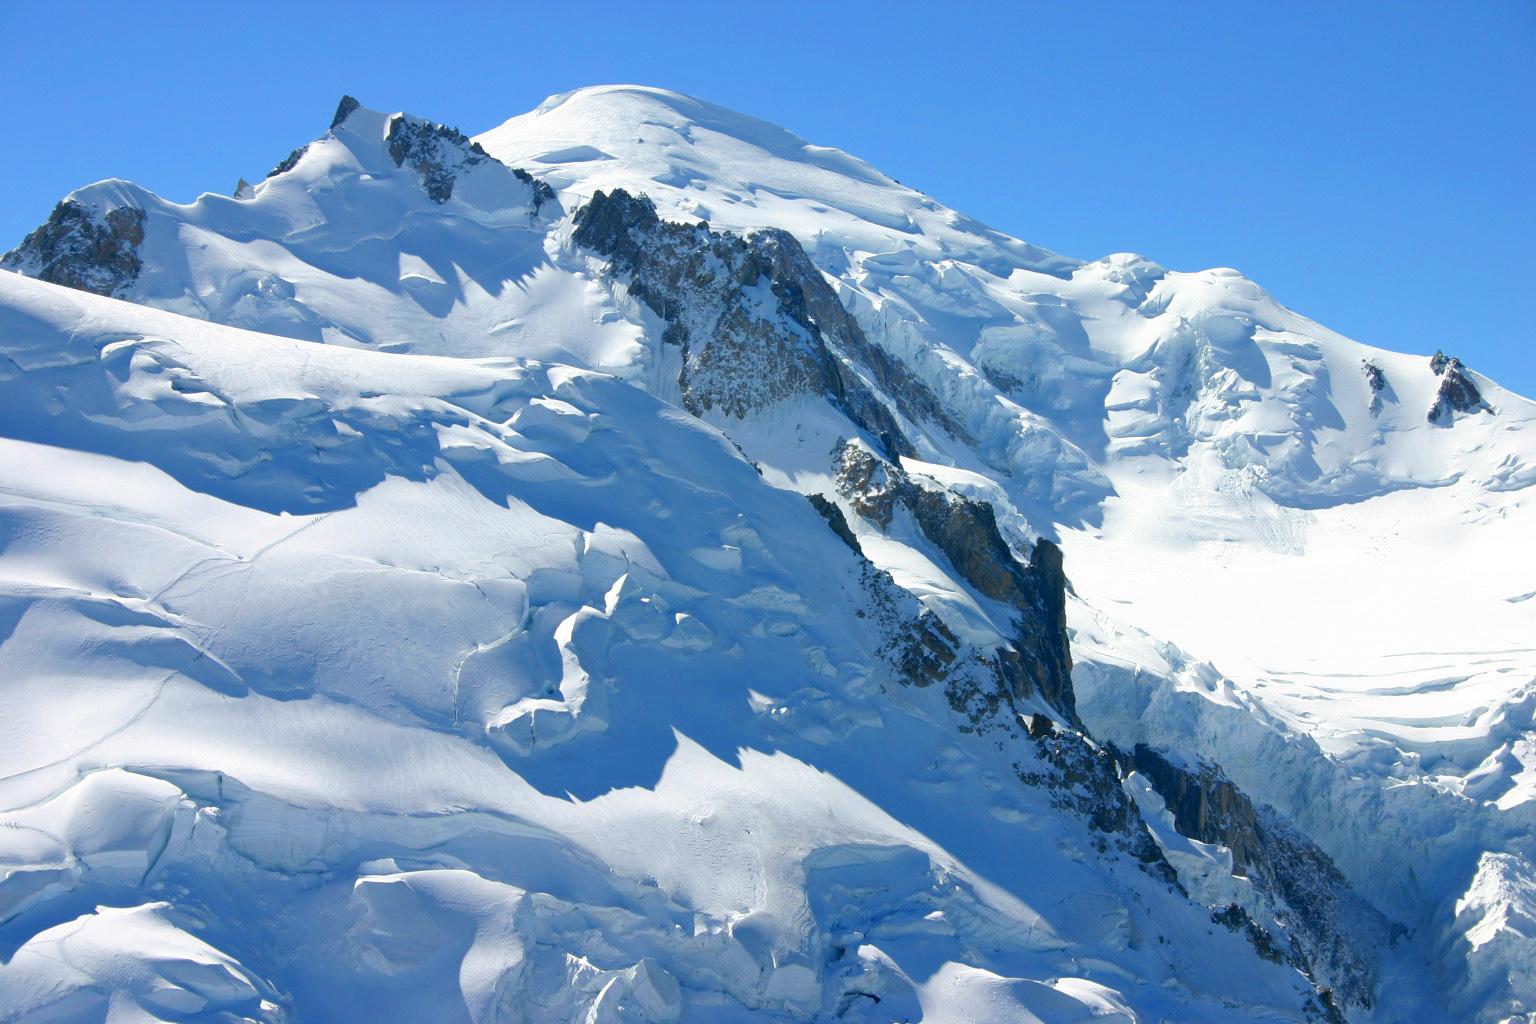 Afbeelding van het Mont Blanc gebergte.